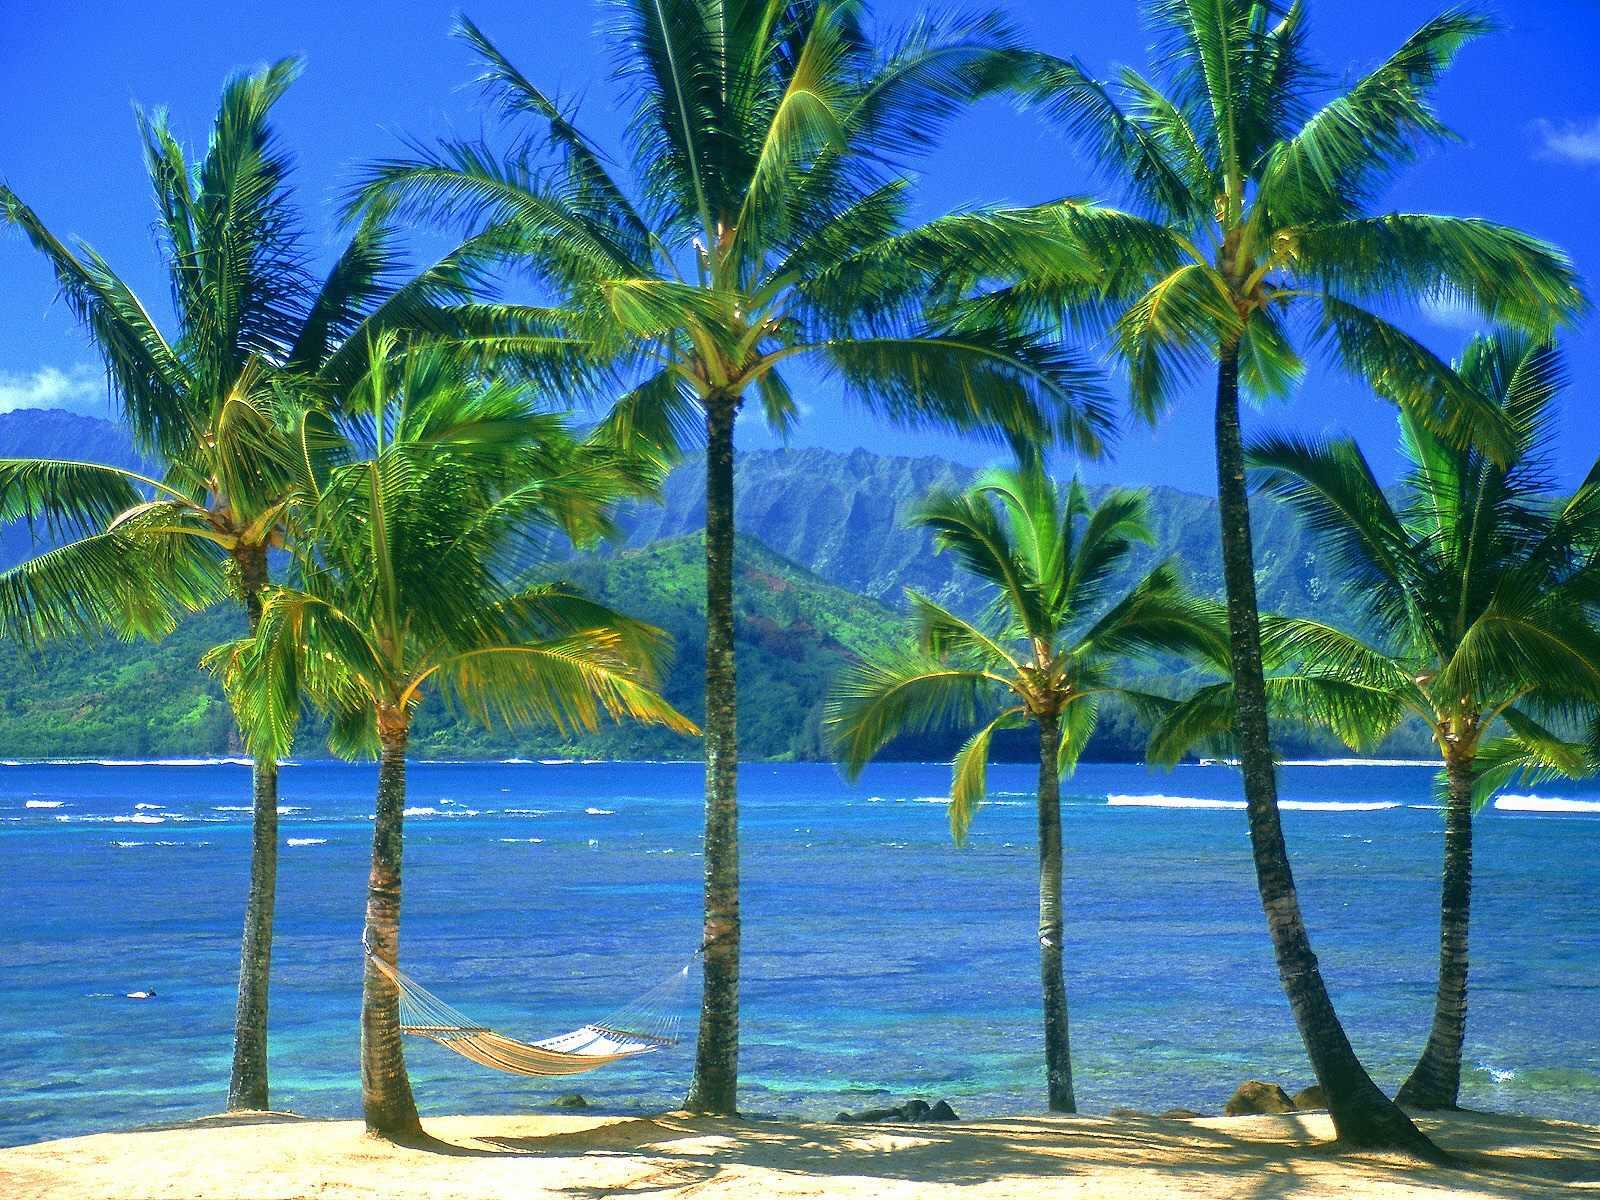 013 moře pláž palmy